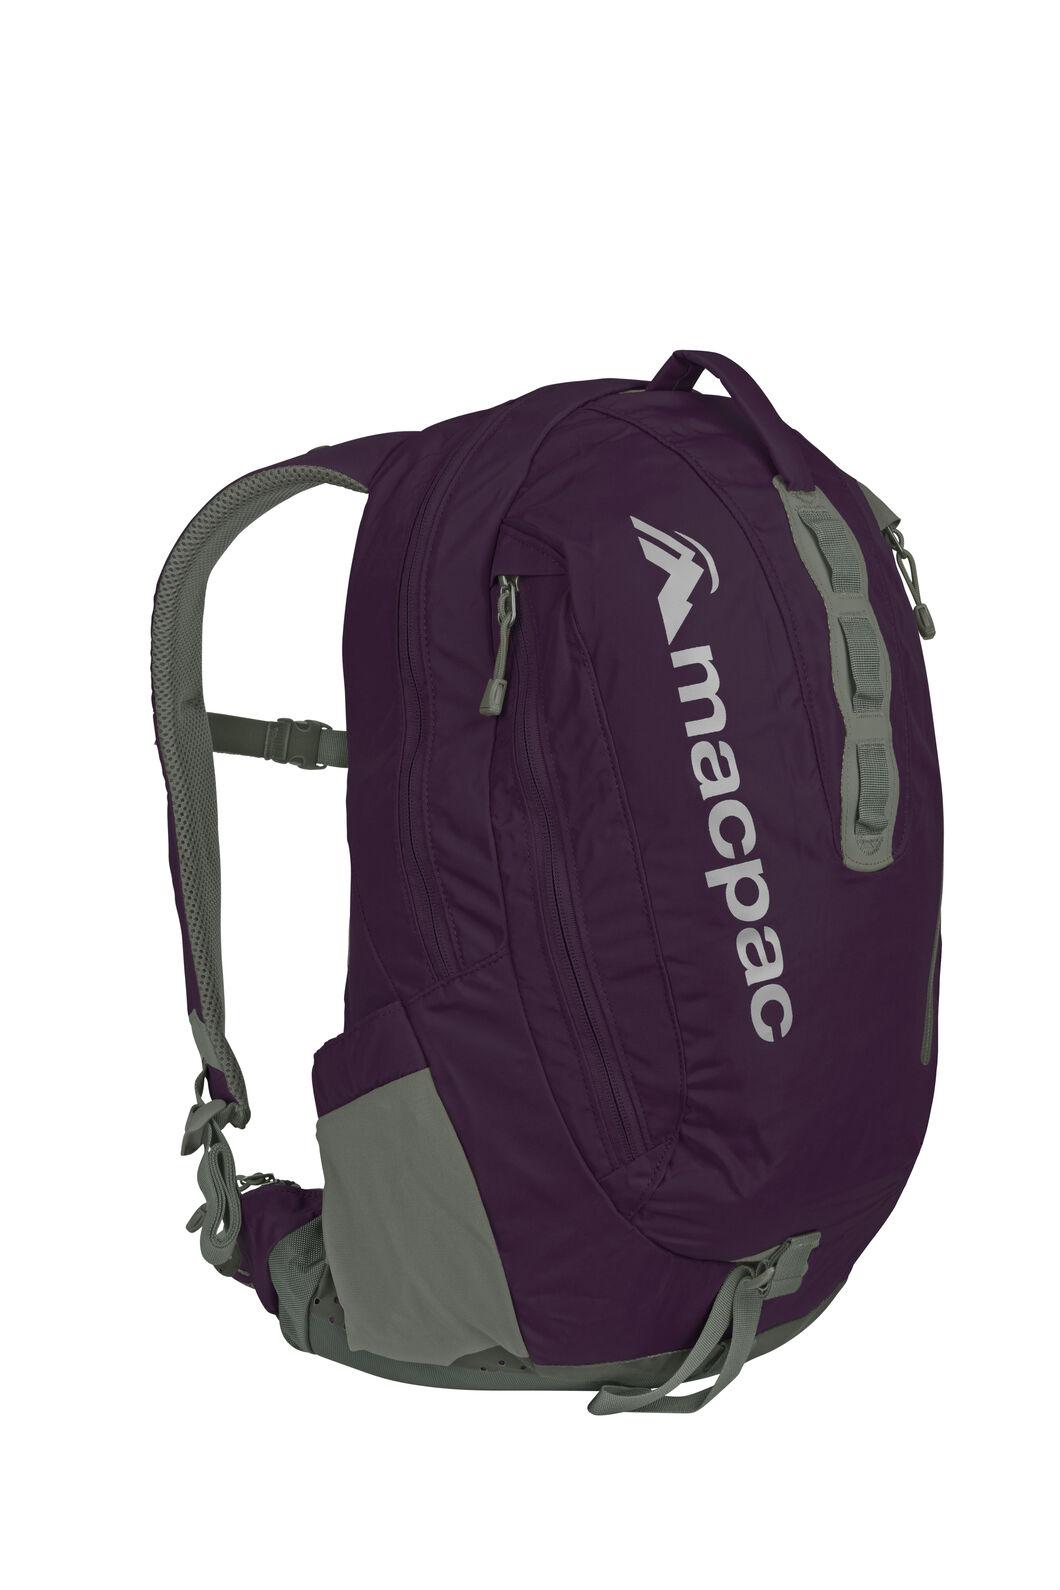 Macpac Rapaki 26L Daypack, Potent Purple, hi-res